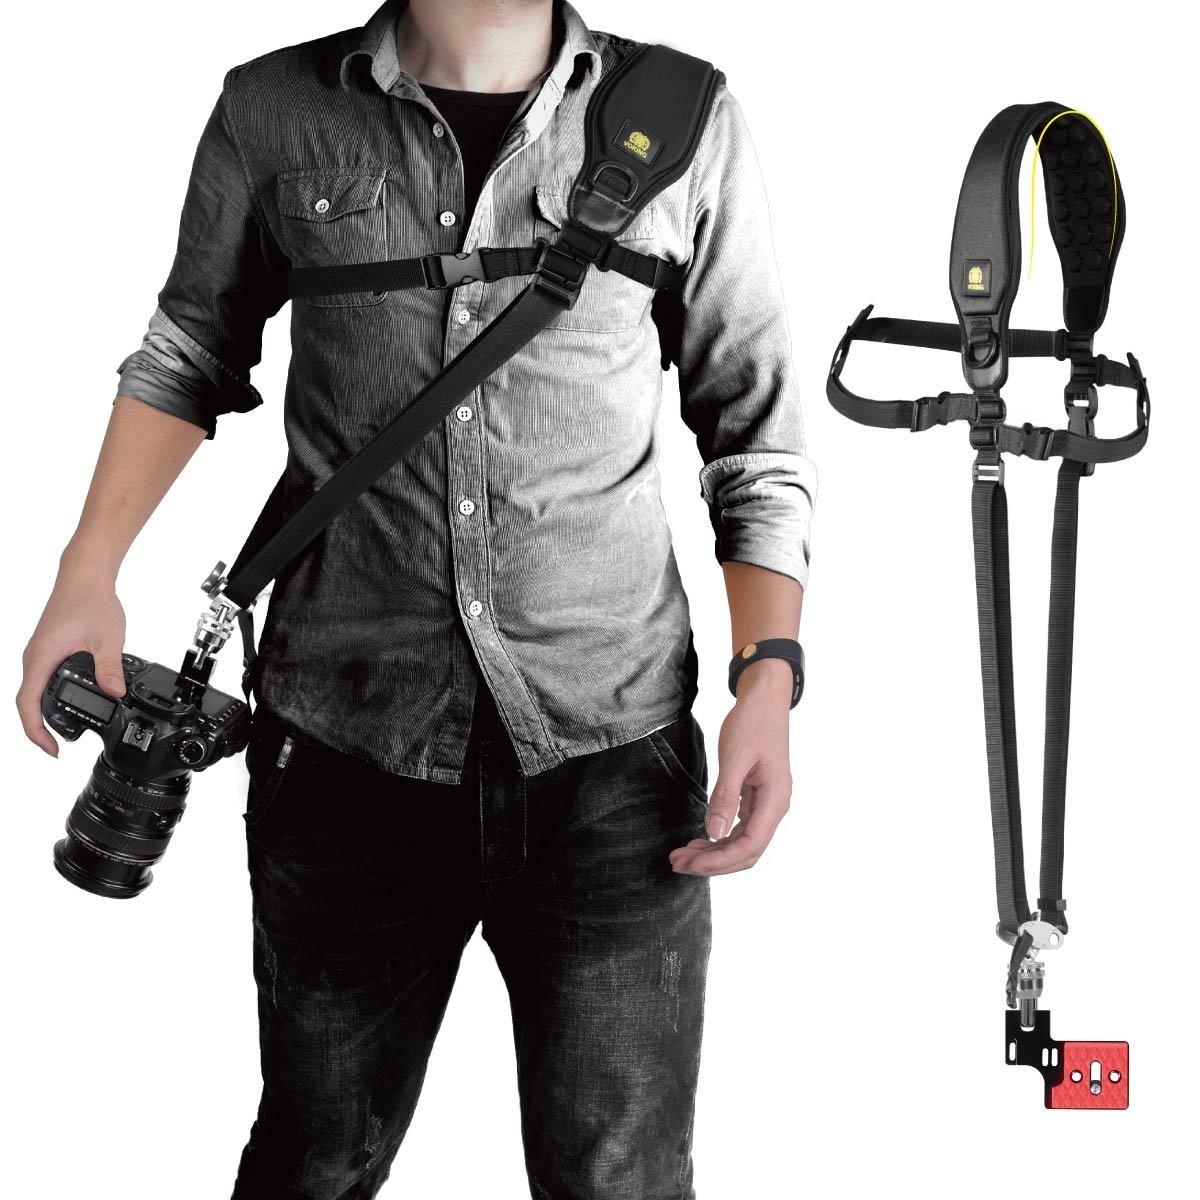 Voking VK-Q5 Camera Universal Shoulder Neck Strap Belt Adjustable Comfortable Quick Release Safety Tether for DSLR Camera